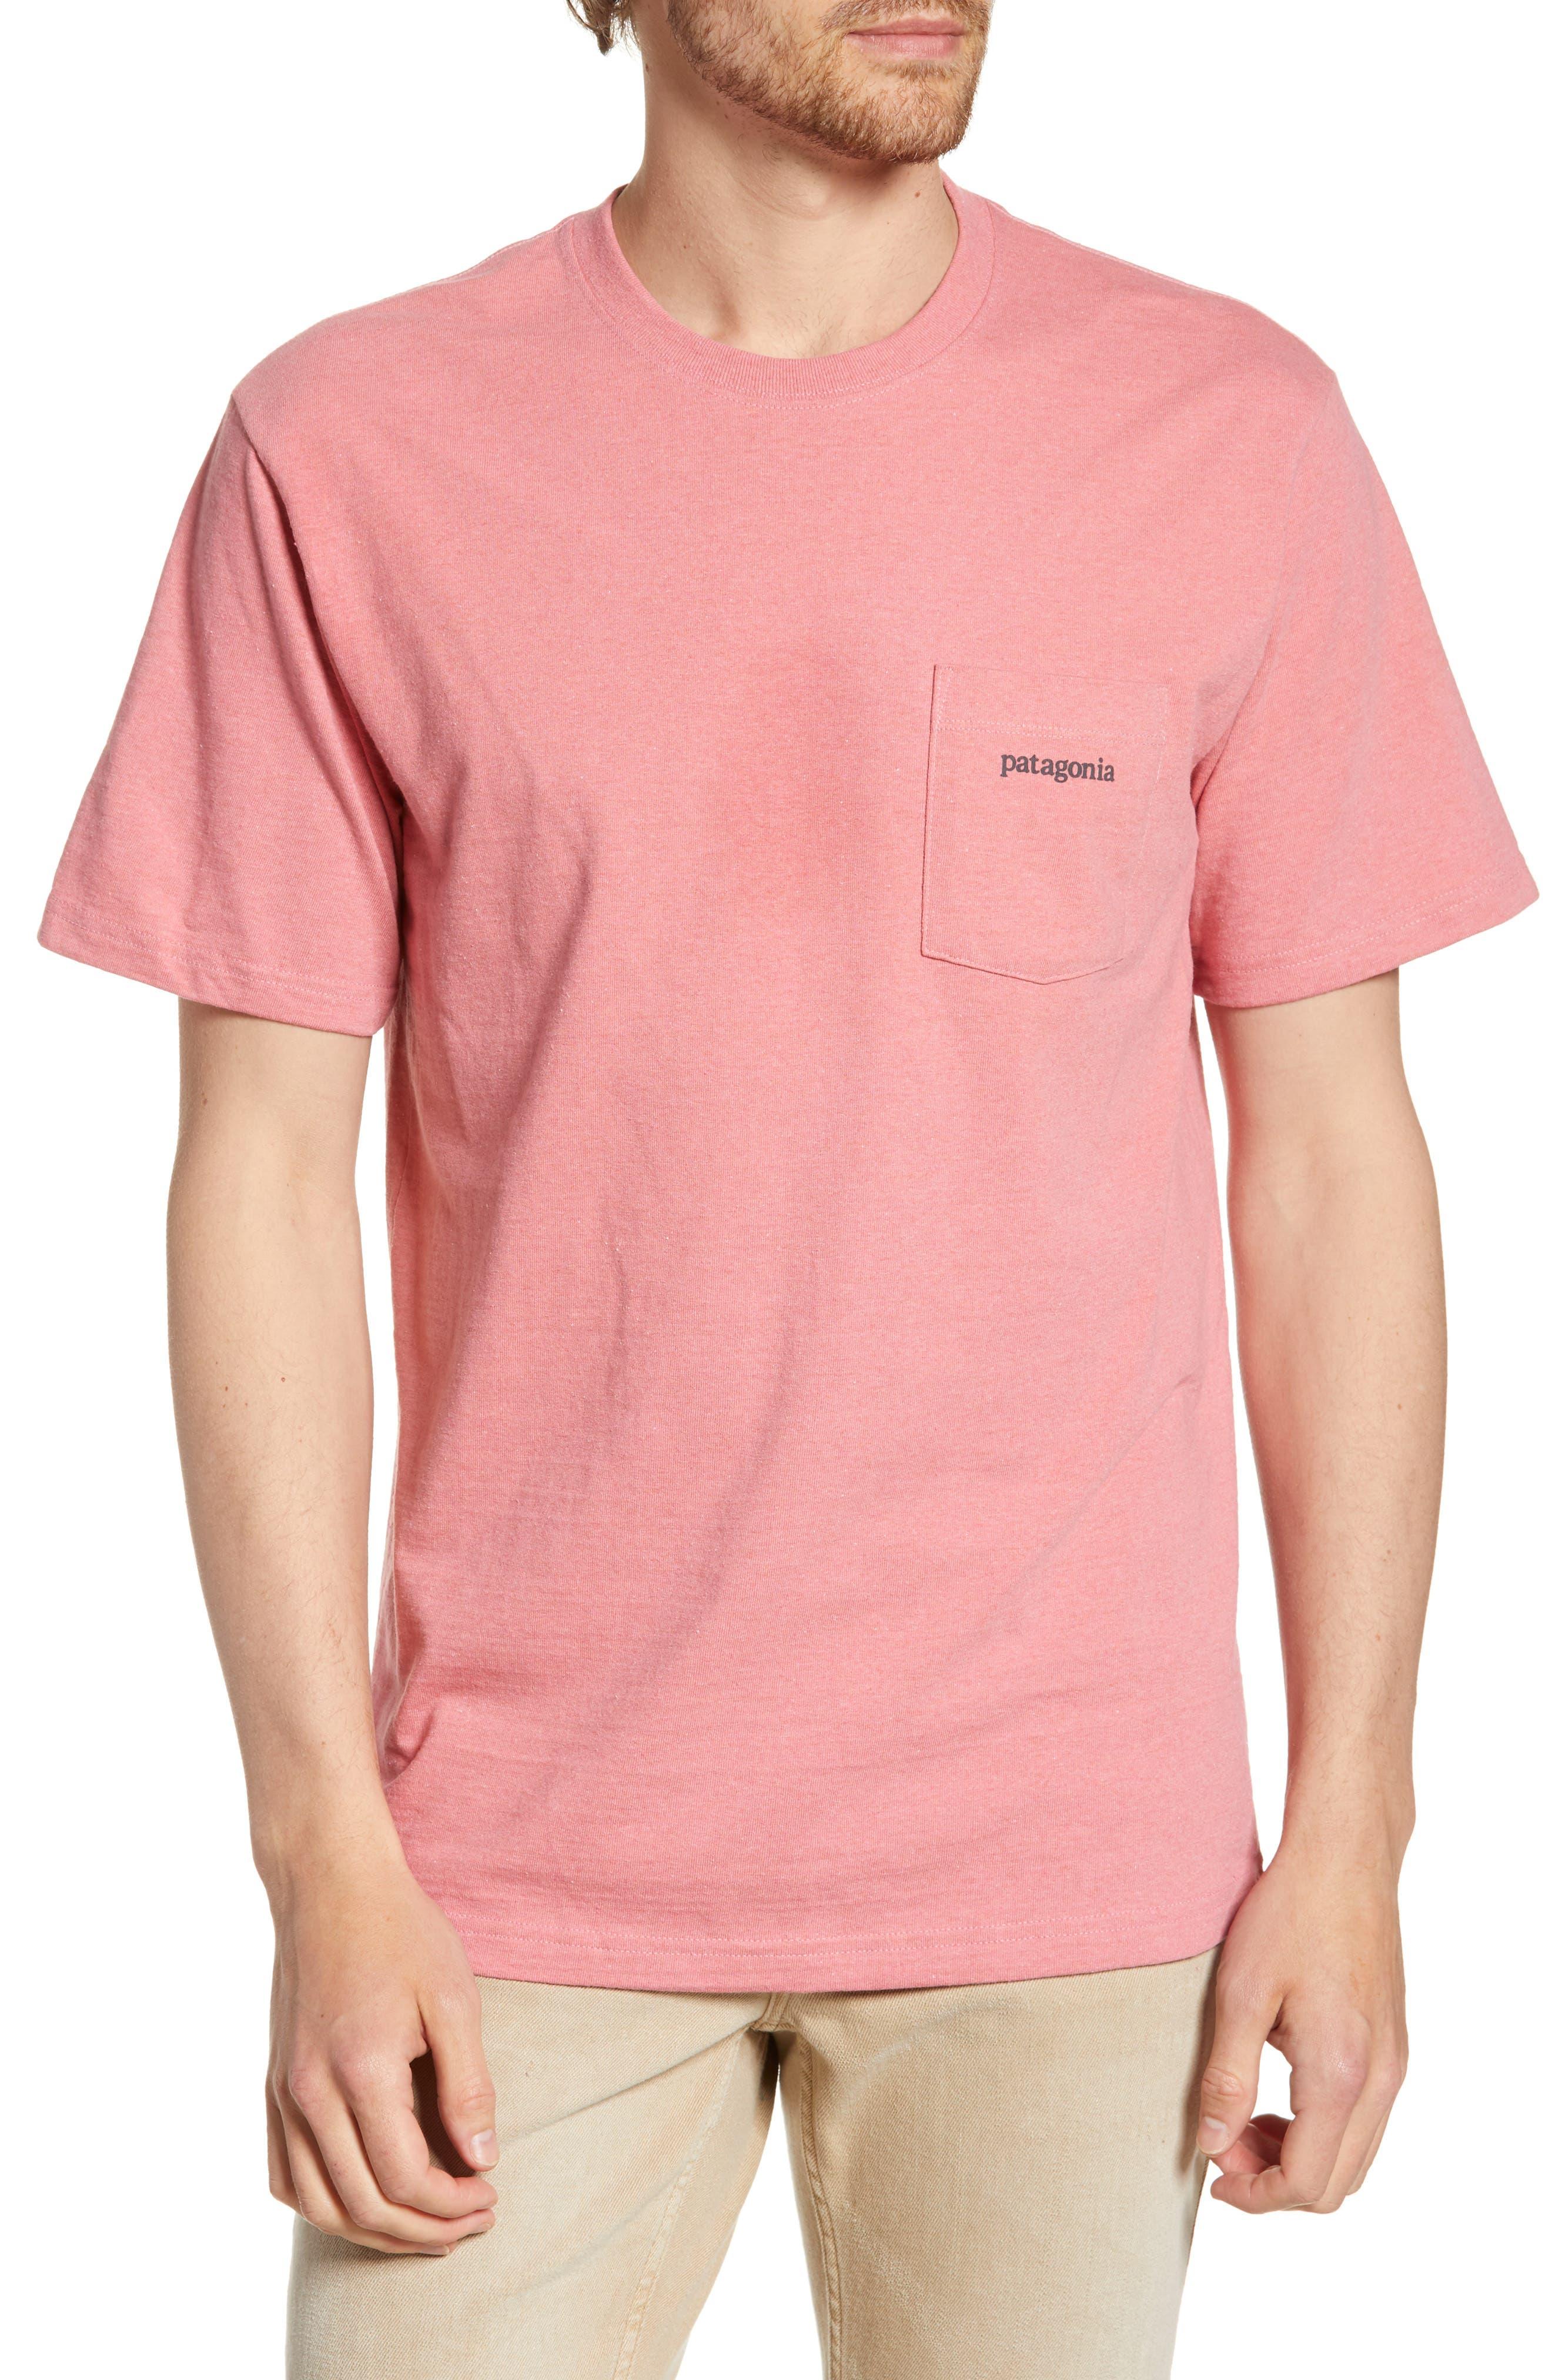 Patagonia Line Ridge Logo Resposibili-Tee Pocket T-Shirt, Pink